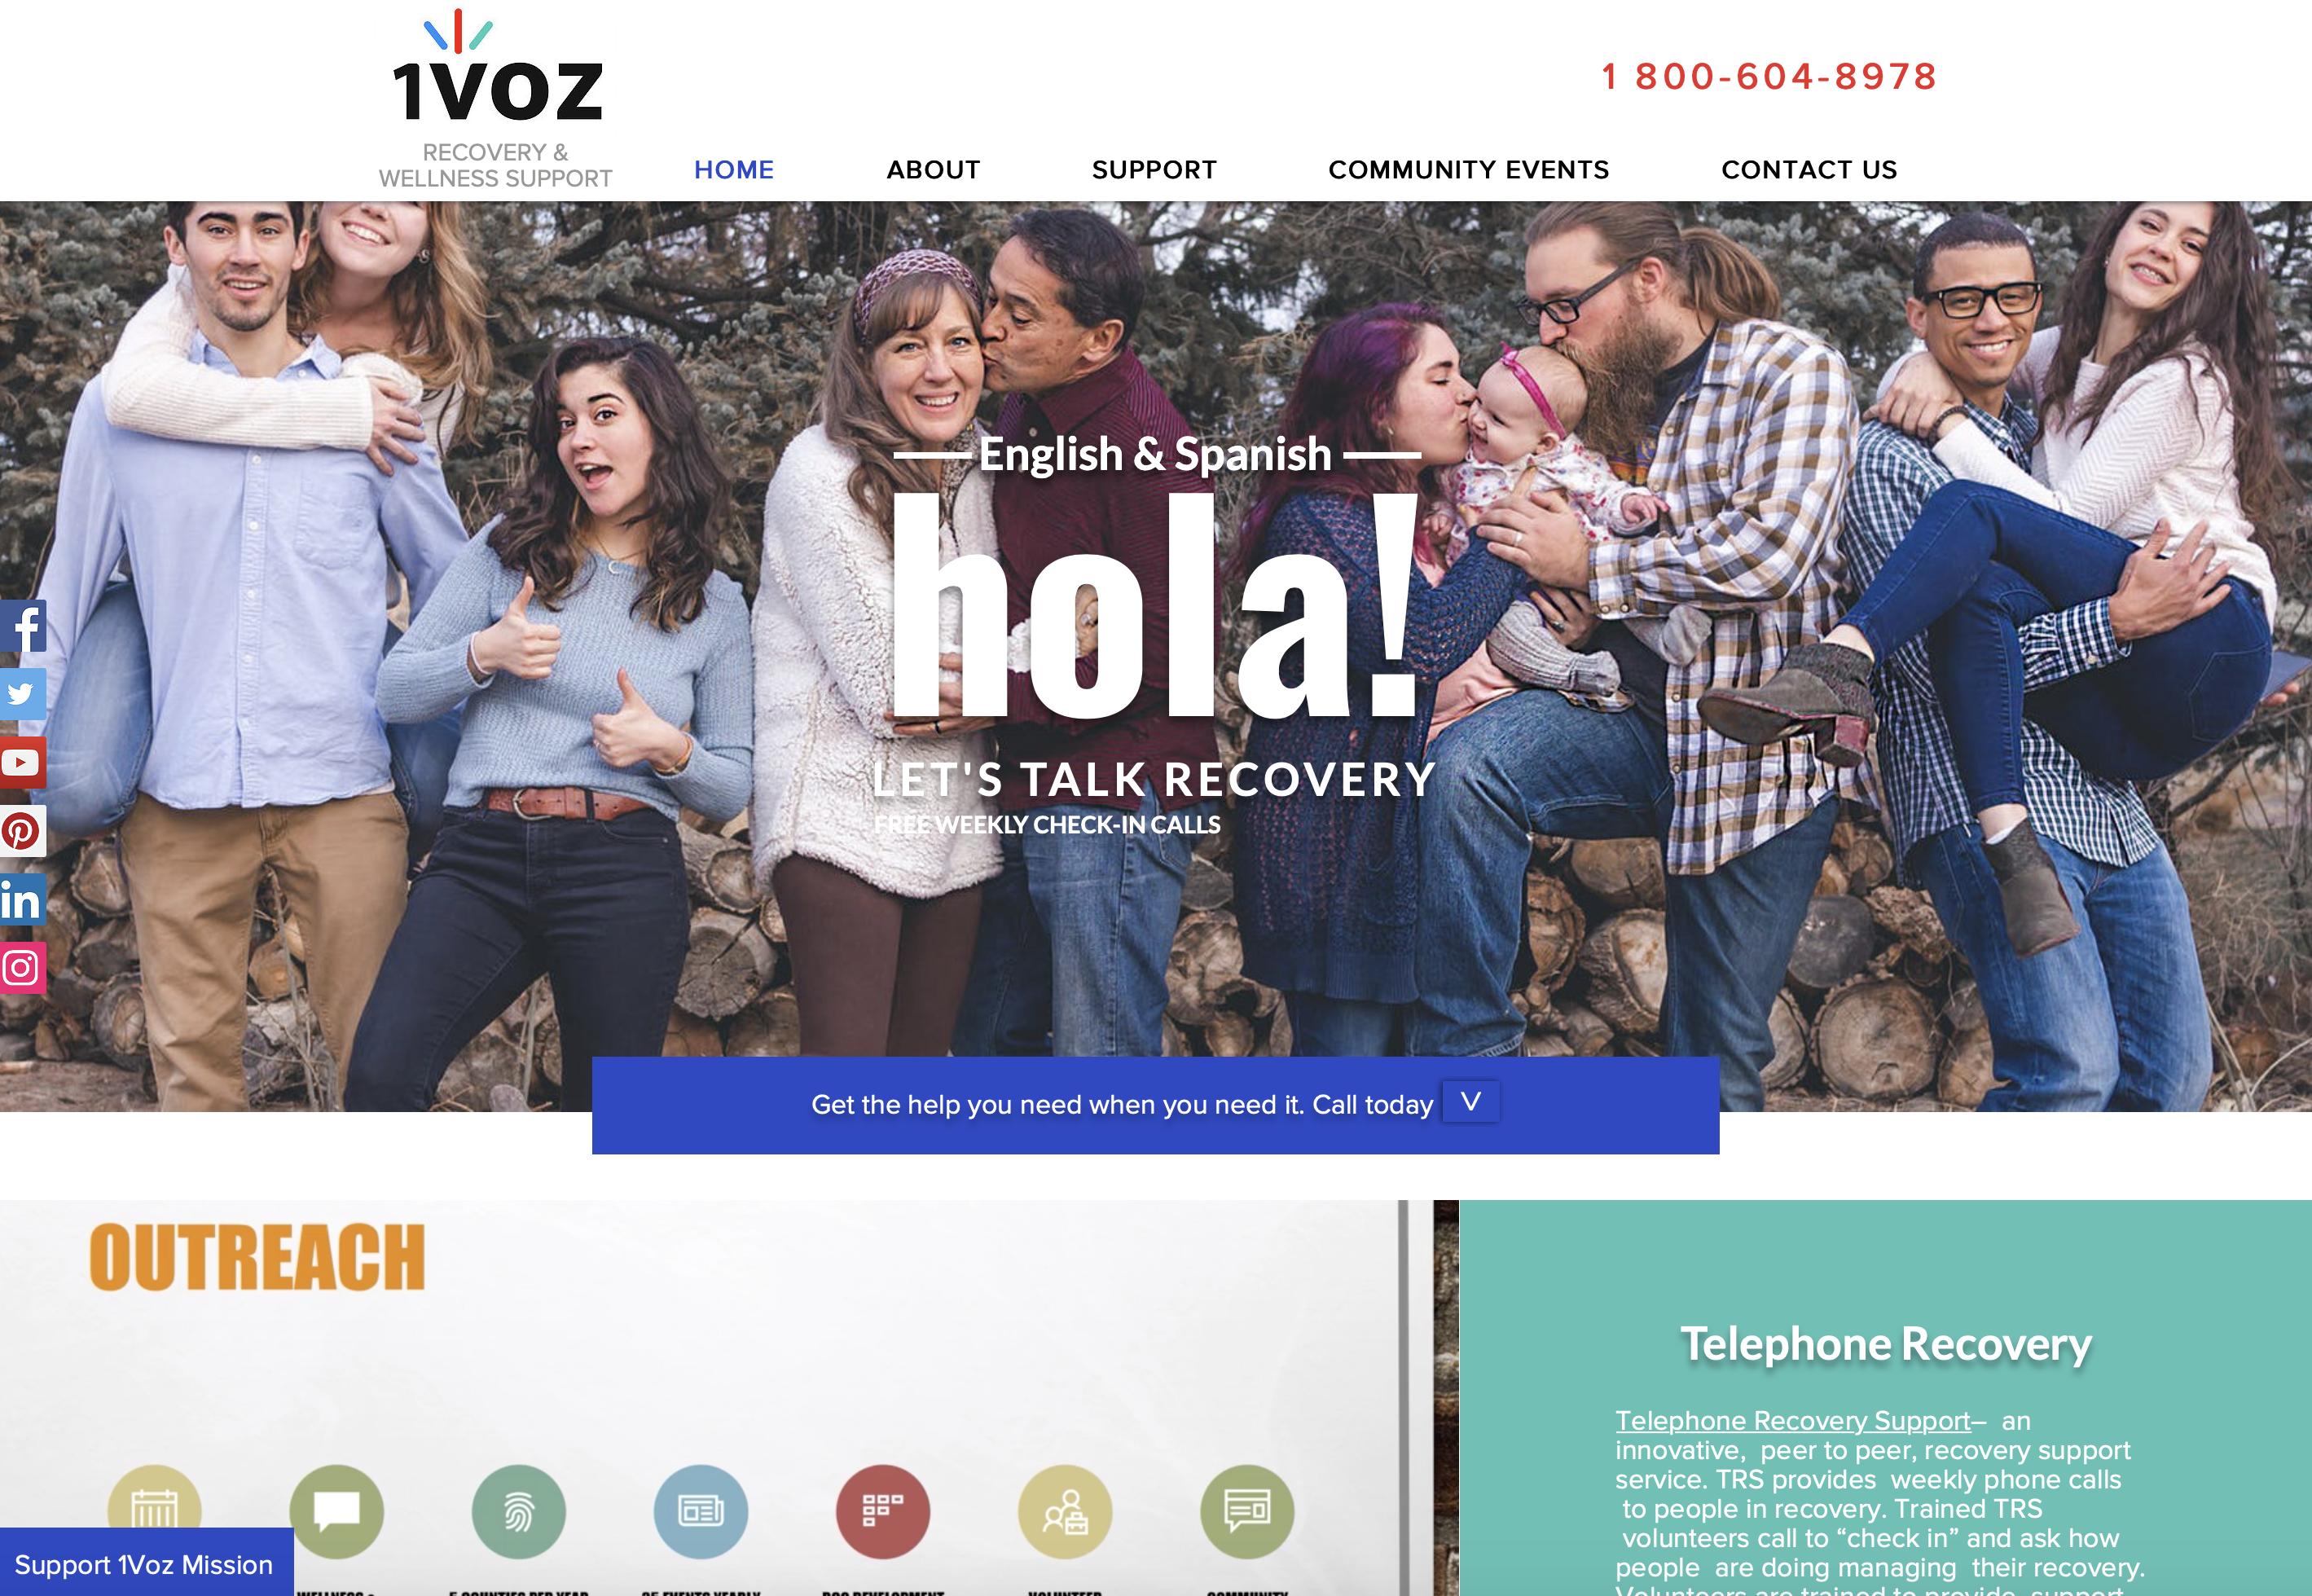 1voz Website